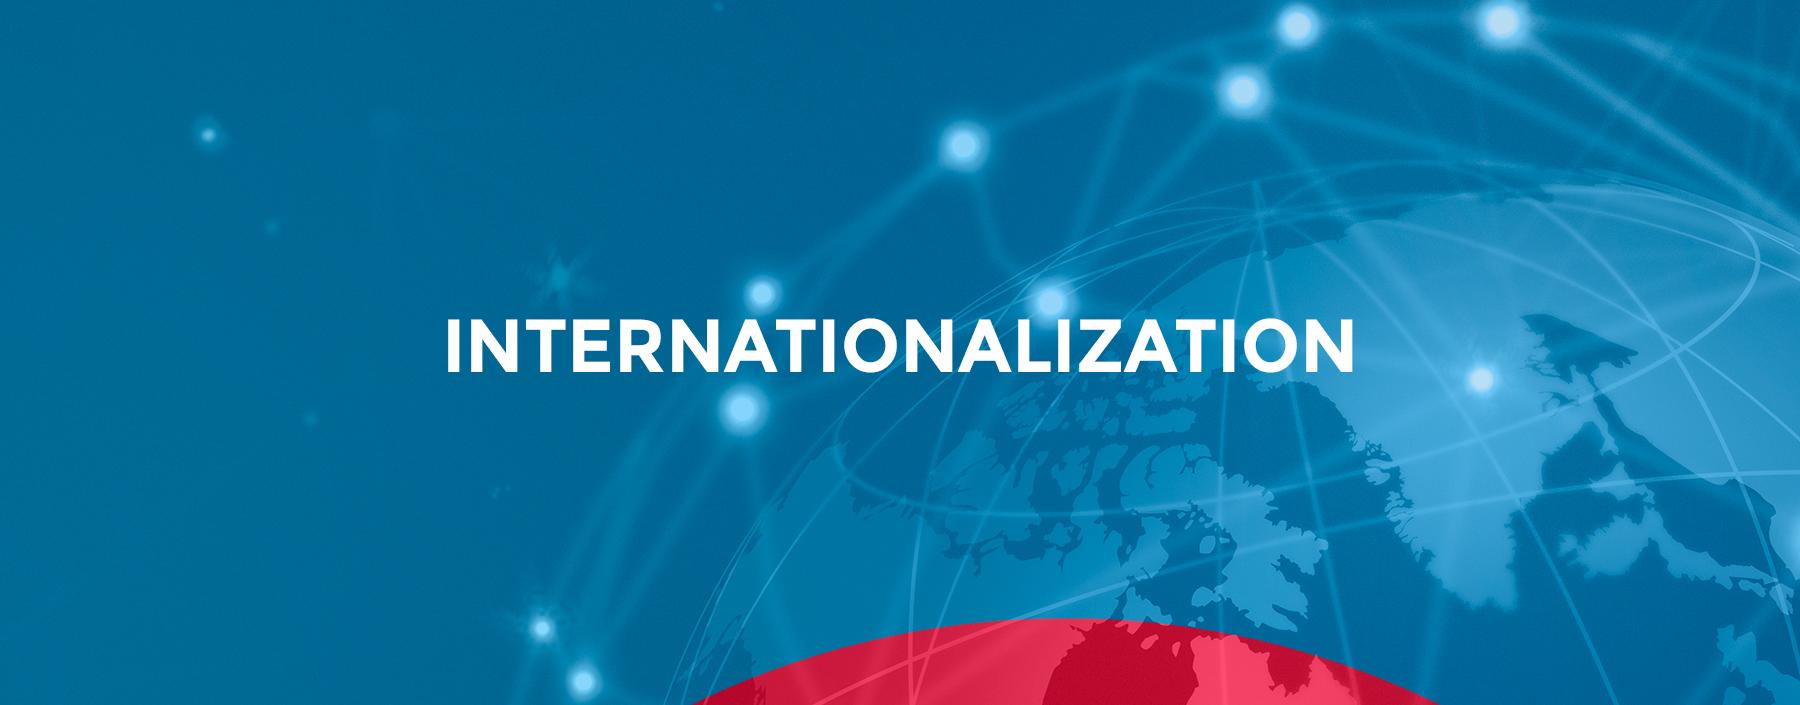 banner-internacionalizacion-EN